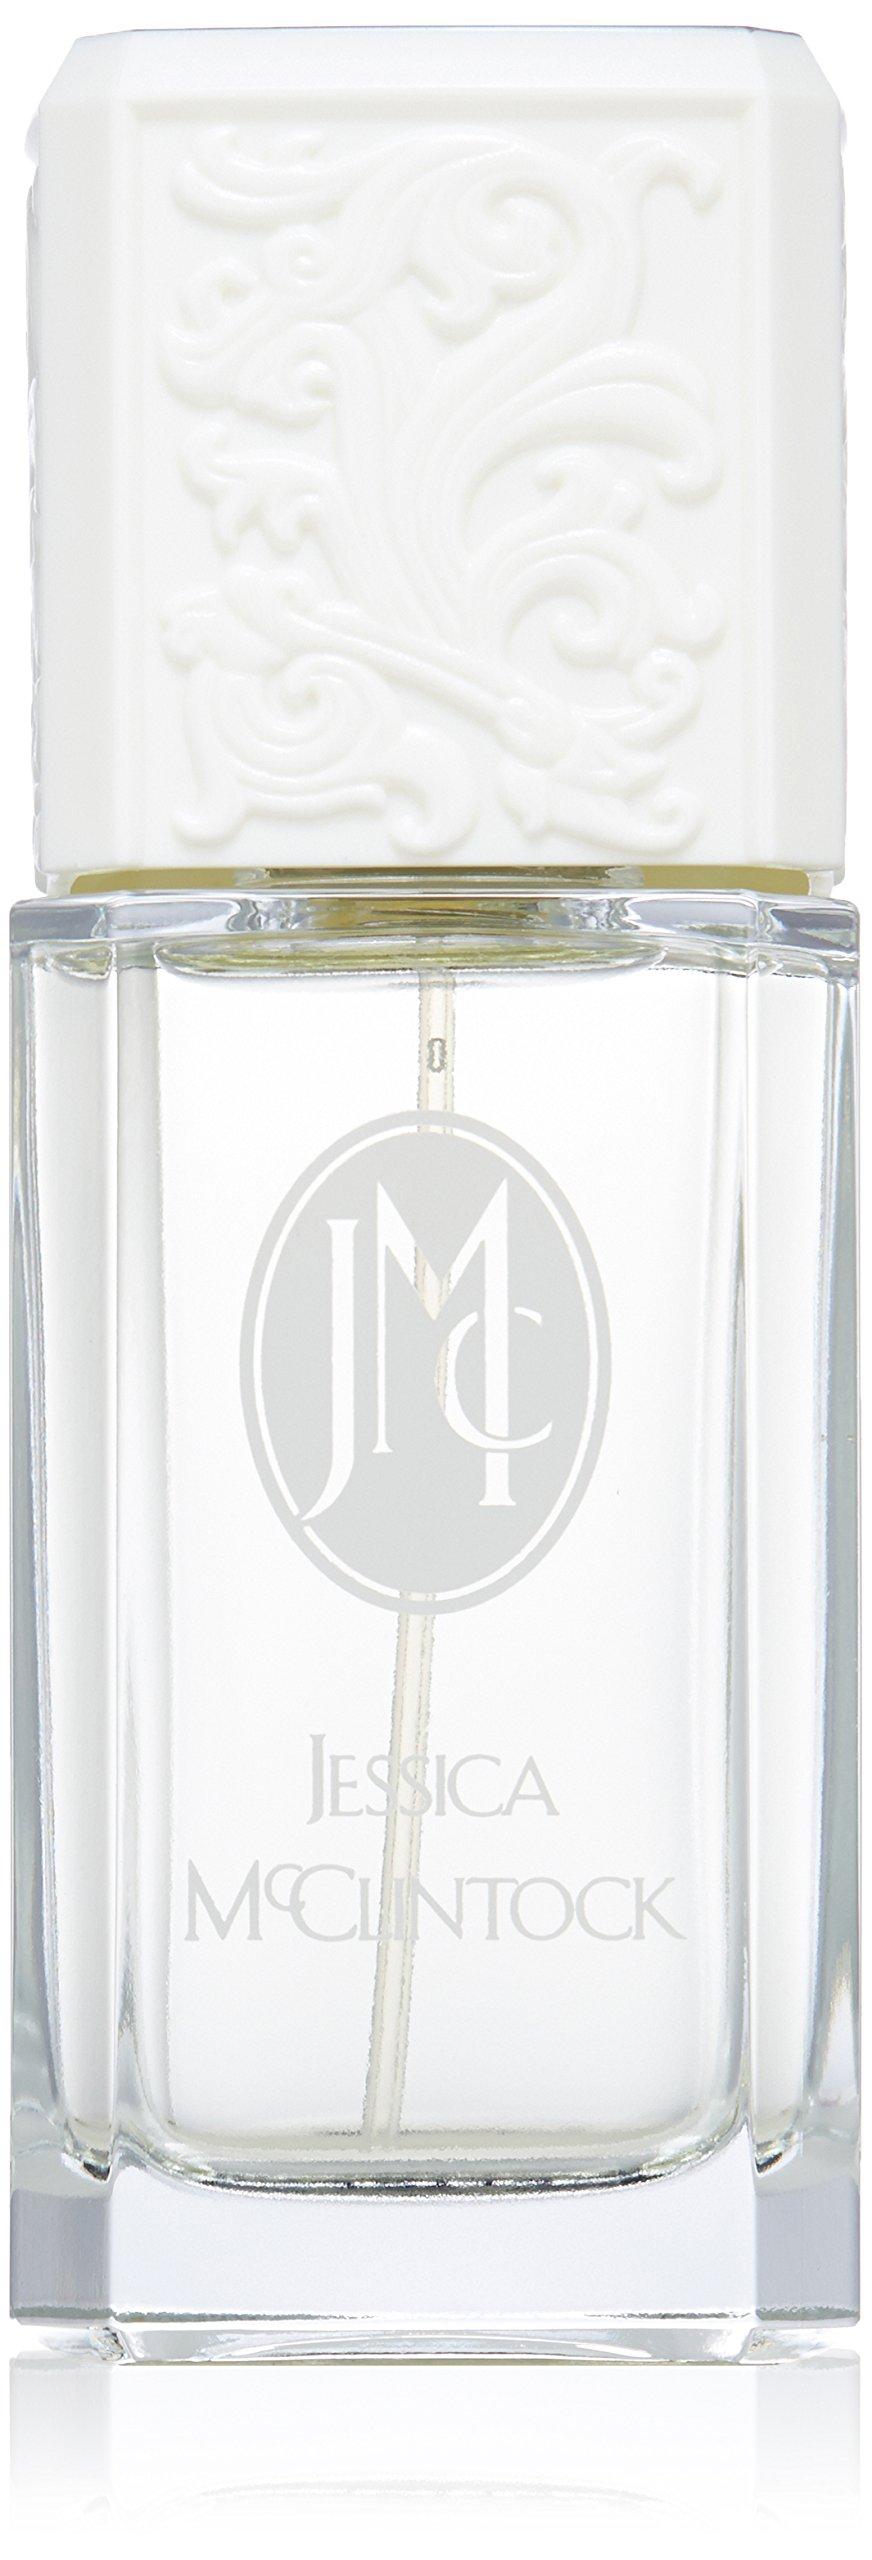 Jessica Mcclintock Eau de Parfum Spray, 3.4 Fluid Ounce by Jessica McClintock (Image #1)